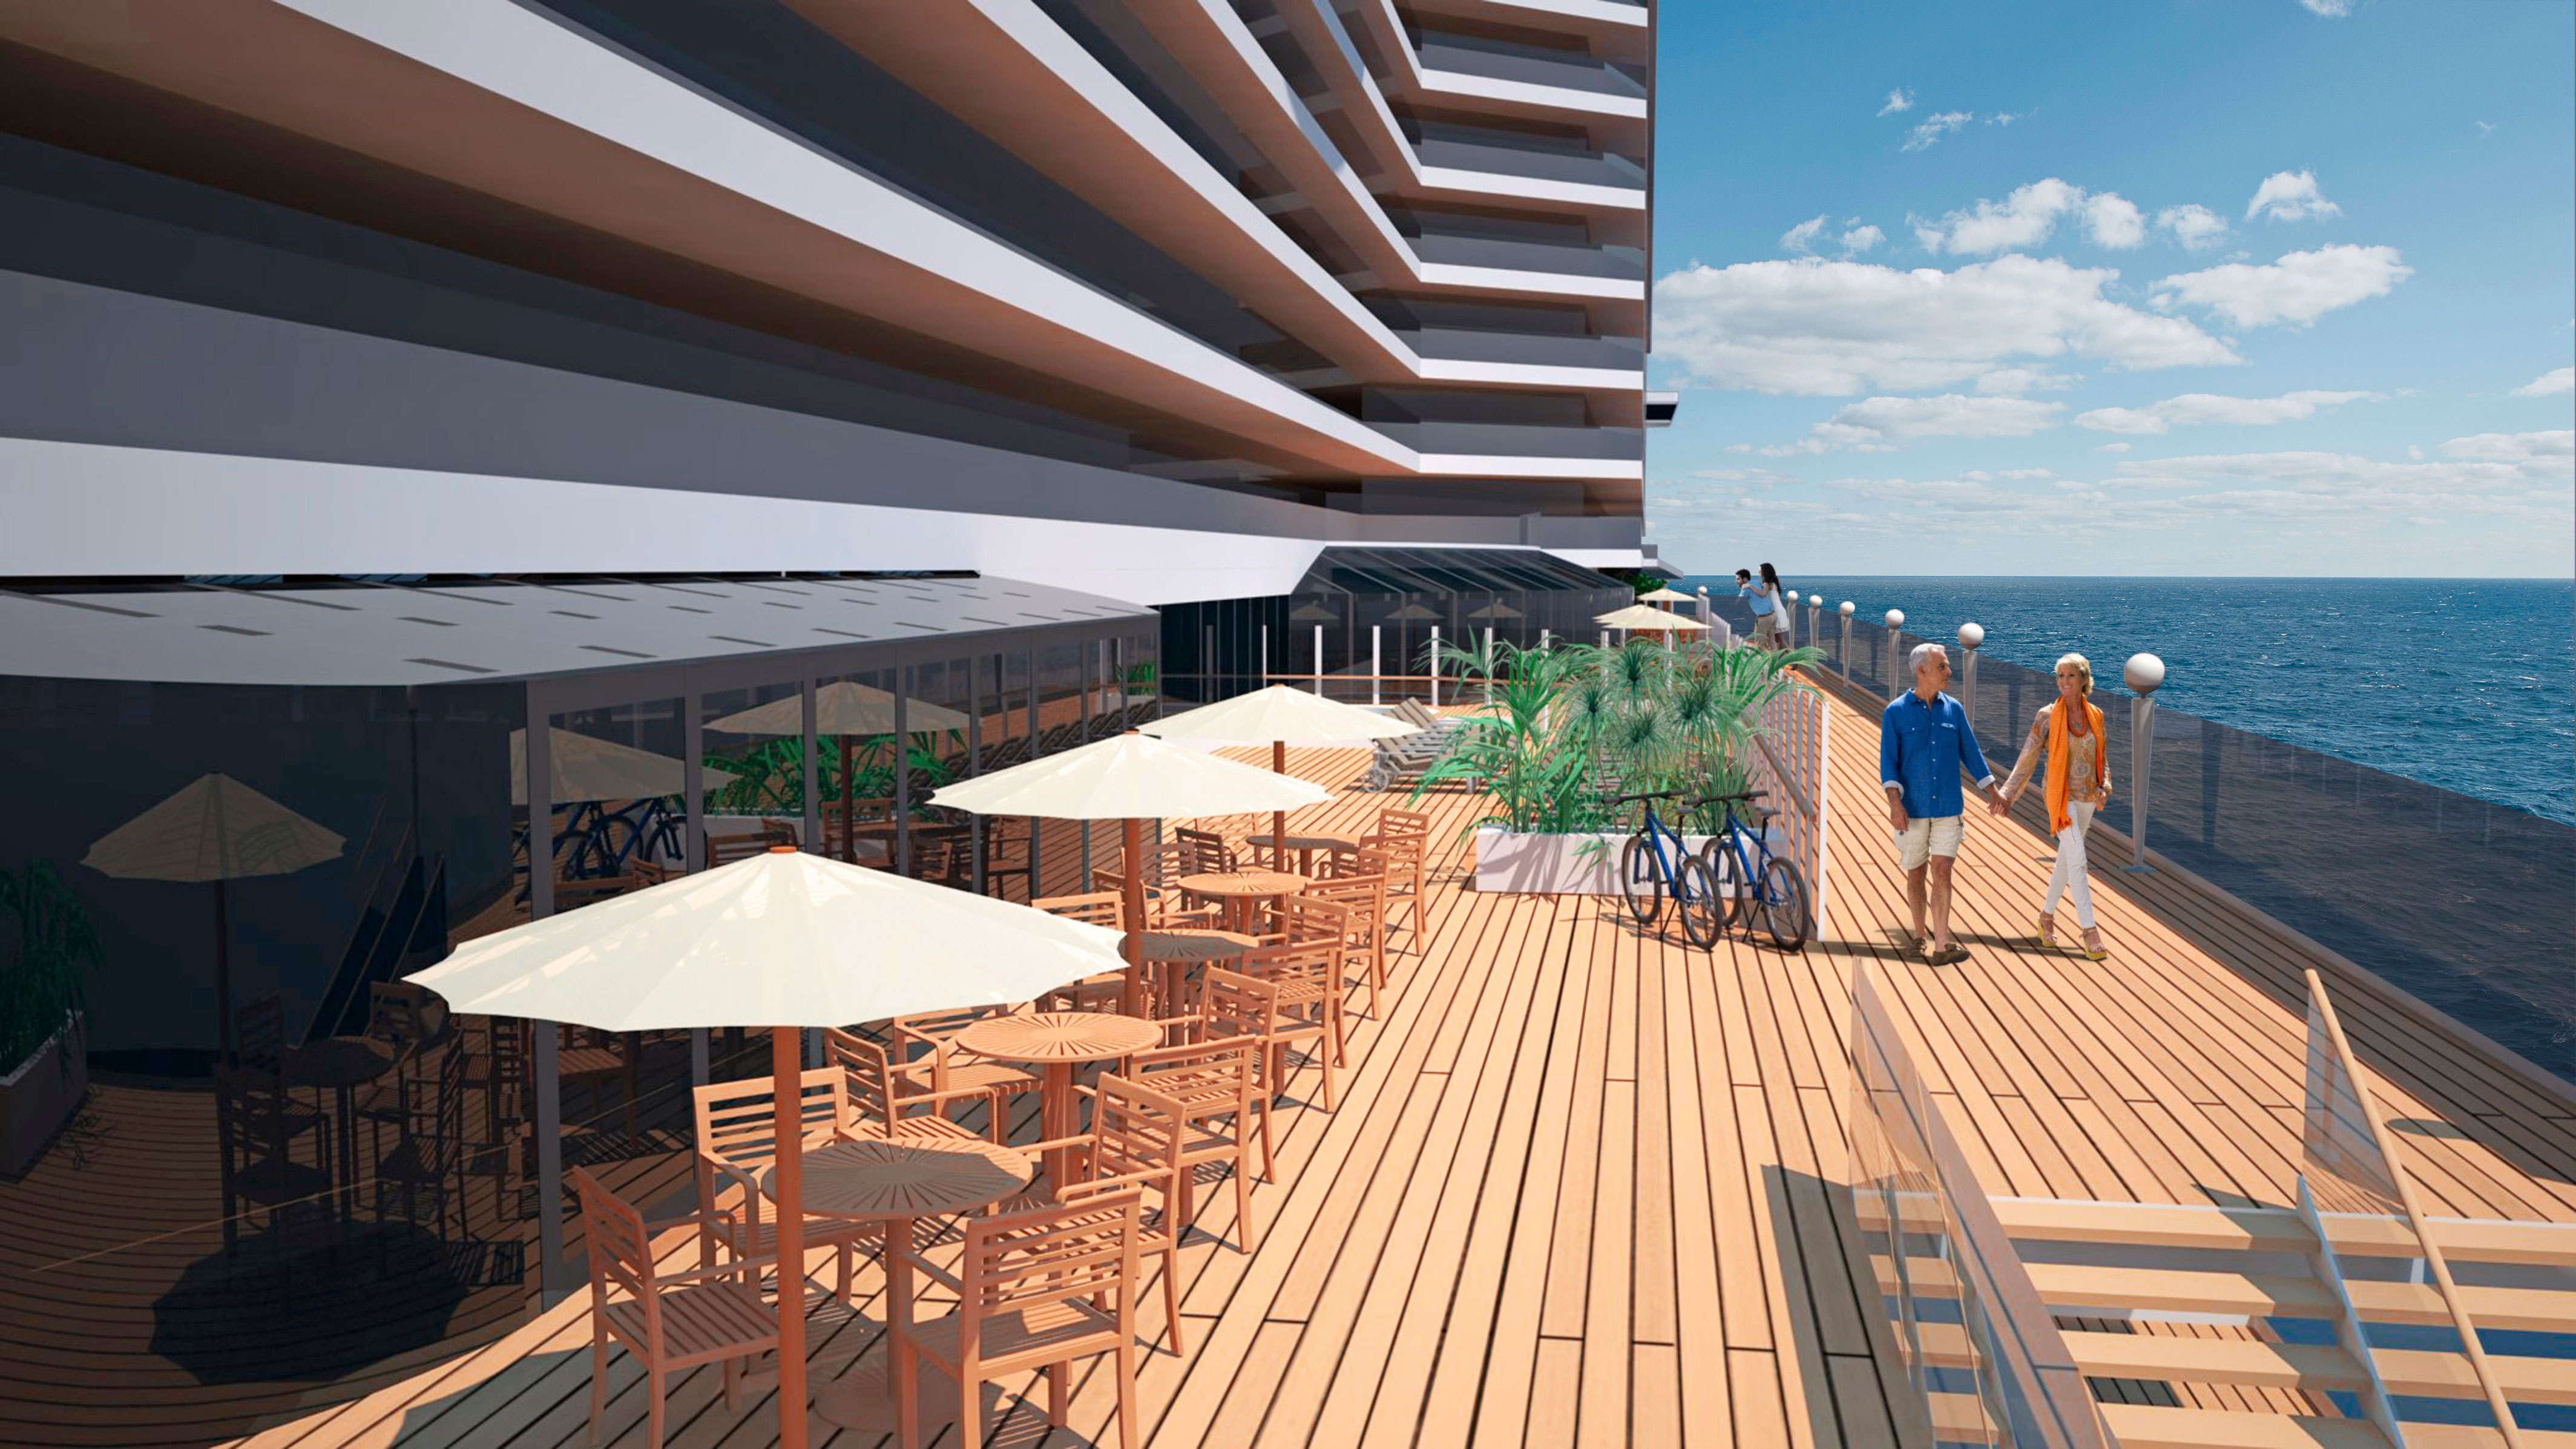 msc-seaside-an-deck_web.jpg